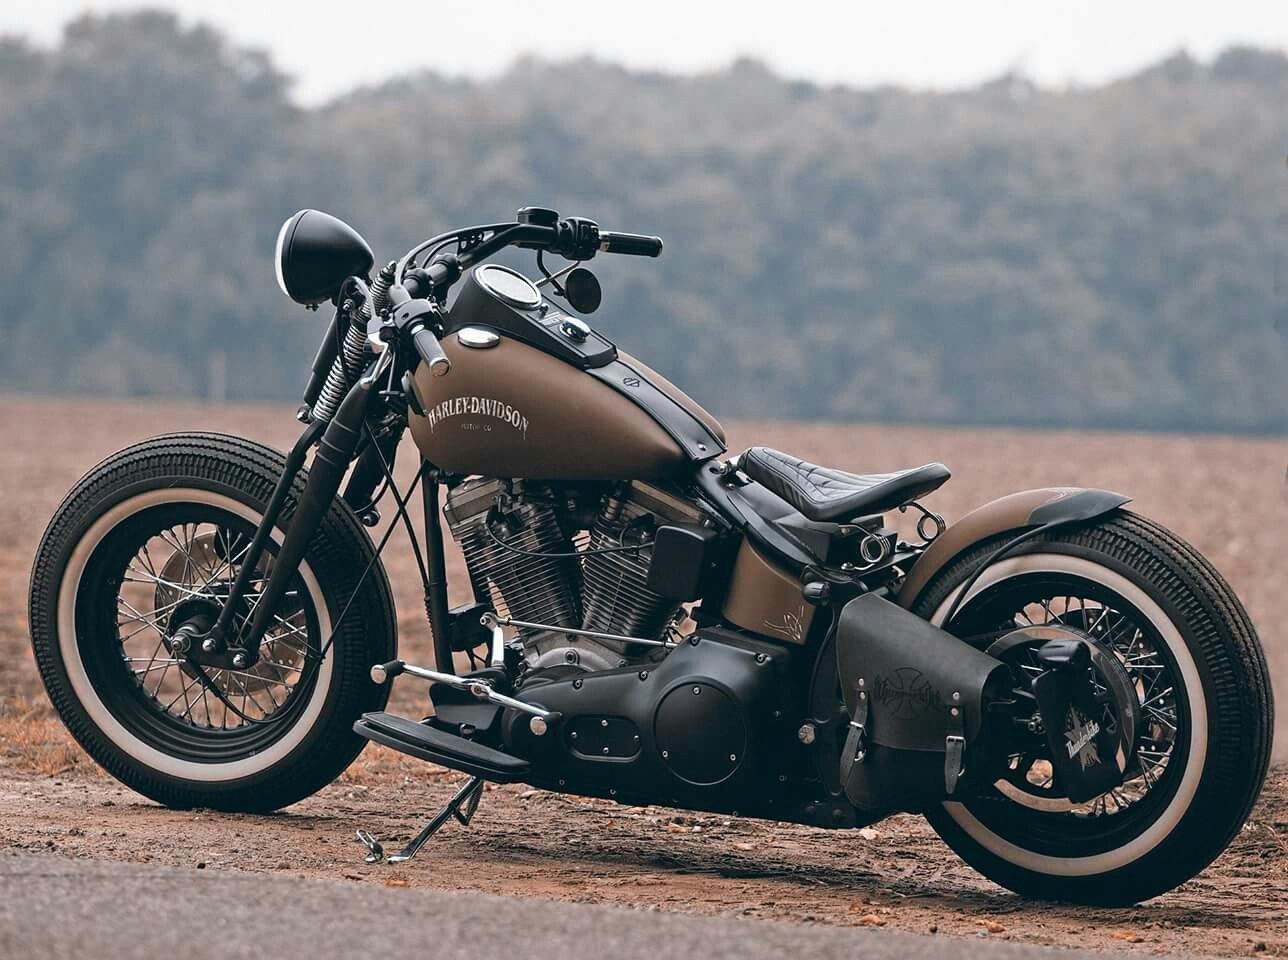 harley davidson bobber an amazing bike to ride harleydavidsonstreetrod. Black Bedroom Furniture Sets. Home Design Ideas